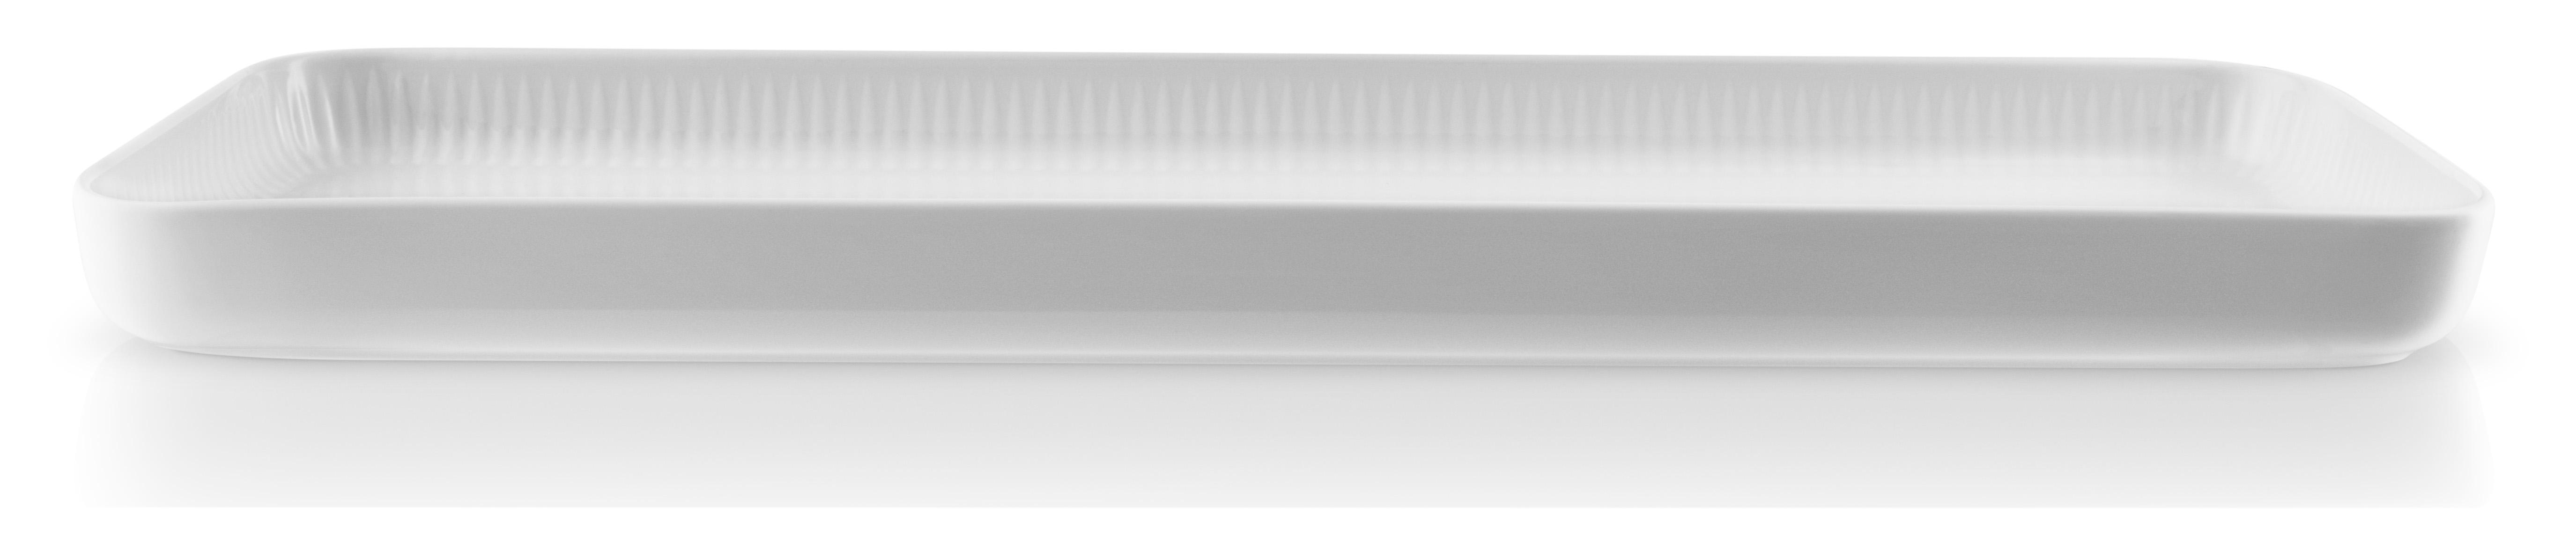 Eva Trio - Legio Nova Serving Dish 37 x 13 cm (887294)